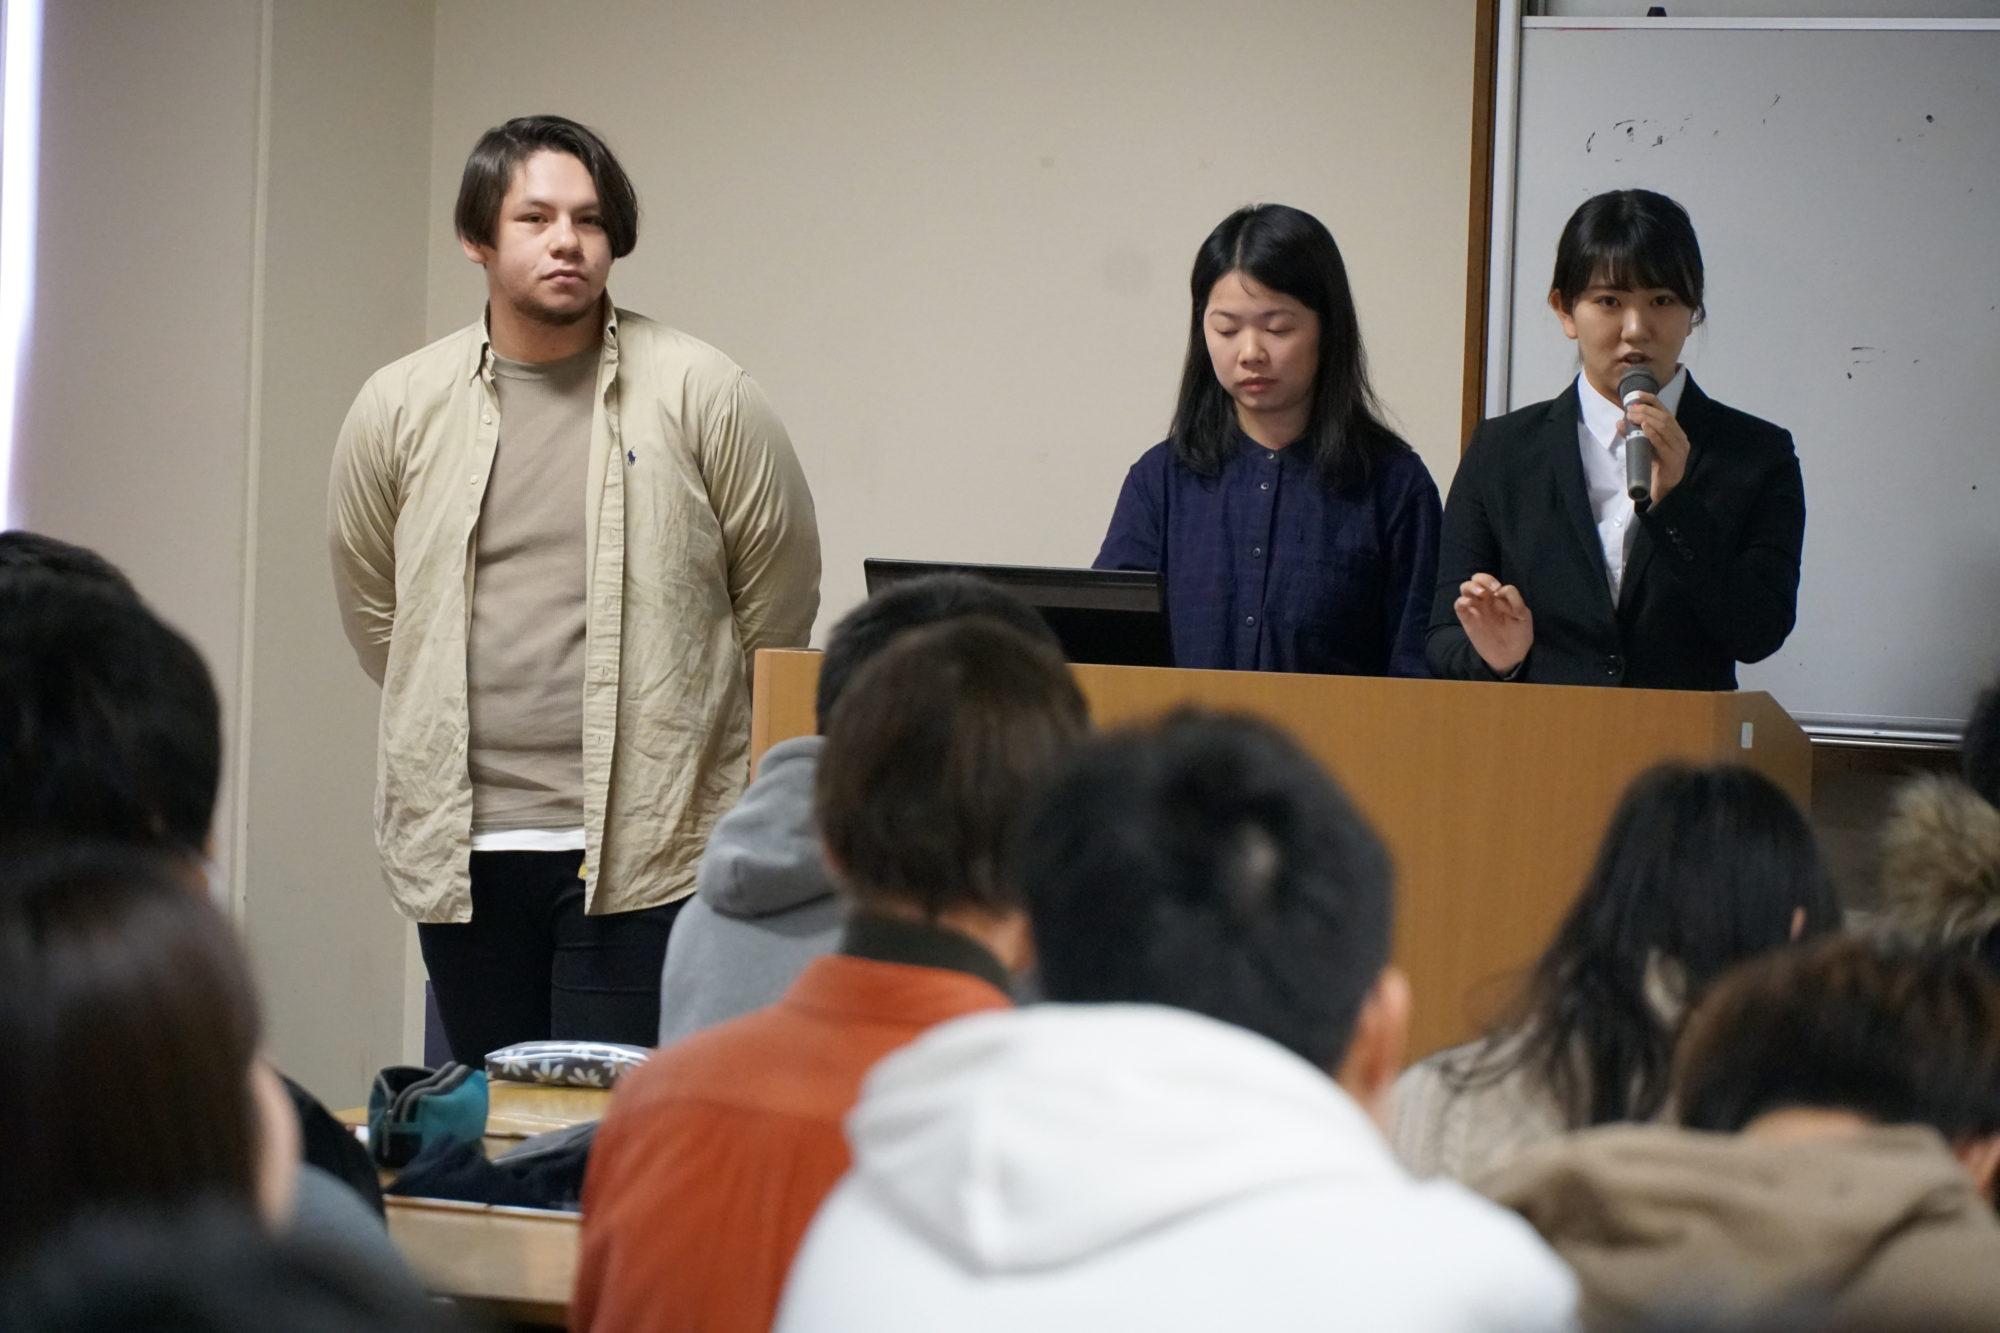 「コミュニケーション入門」の授業で学生フォーラムを開催しました